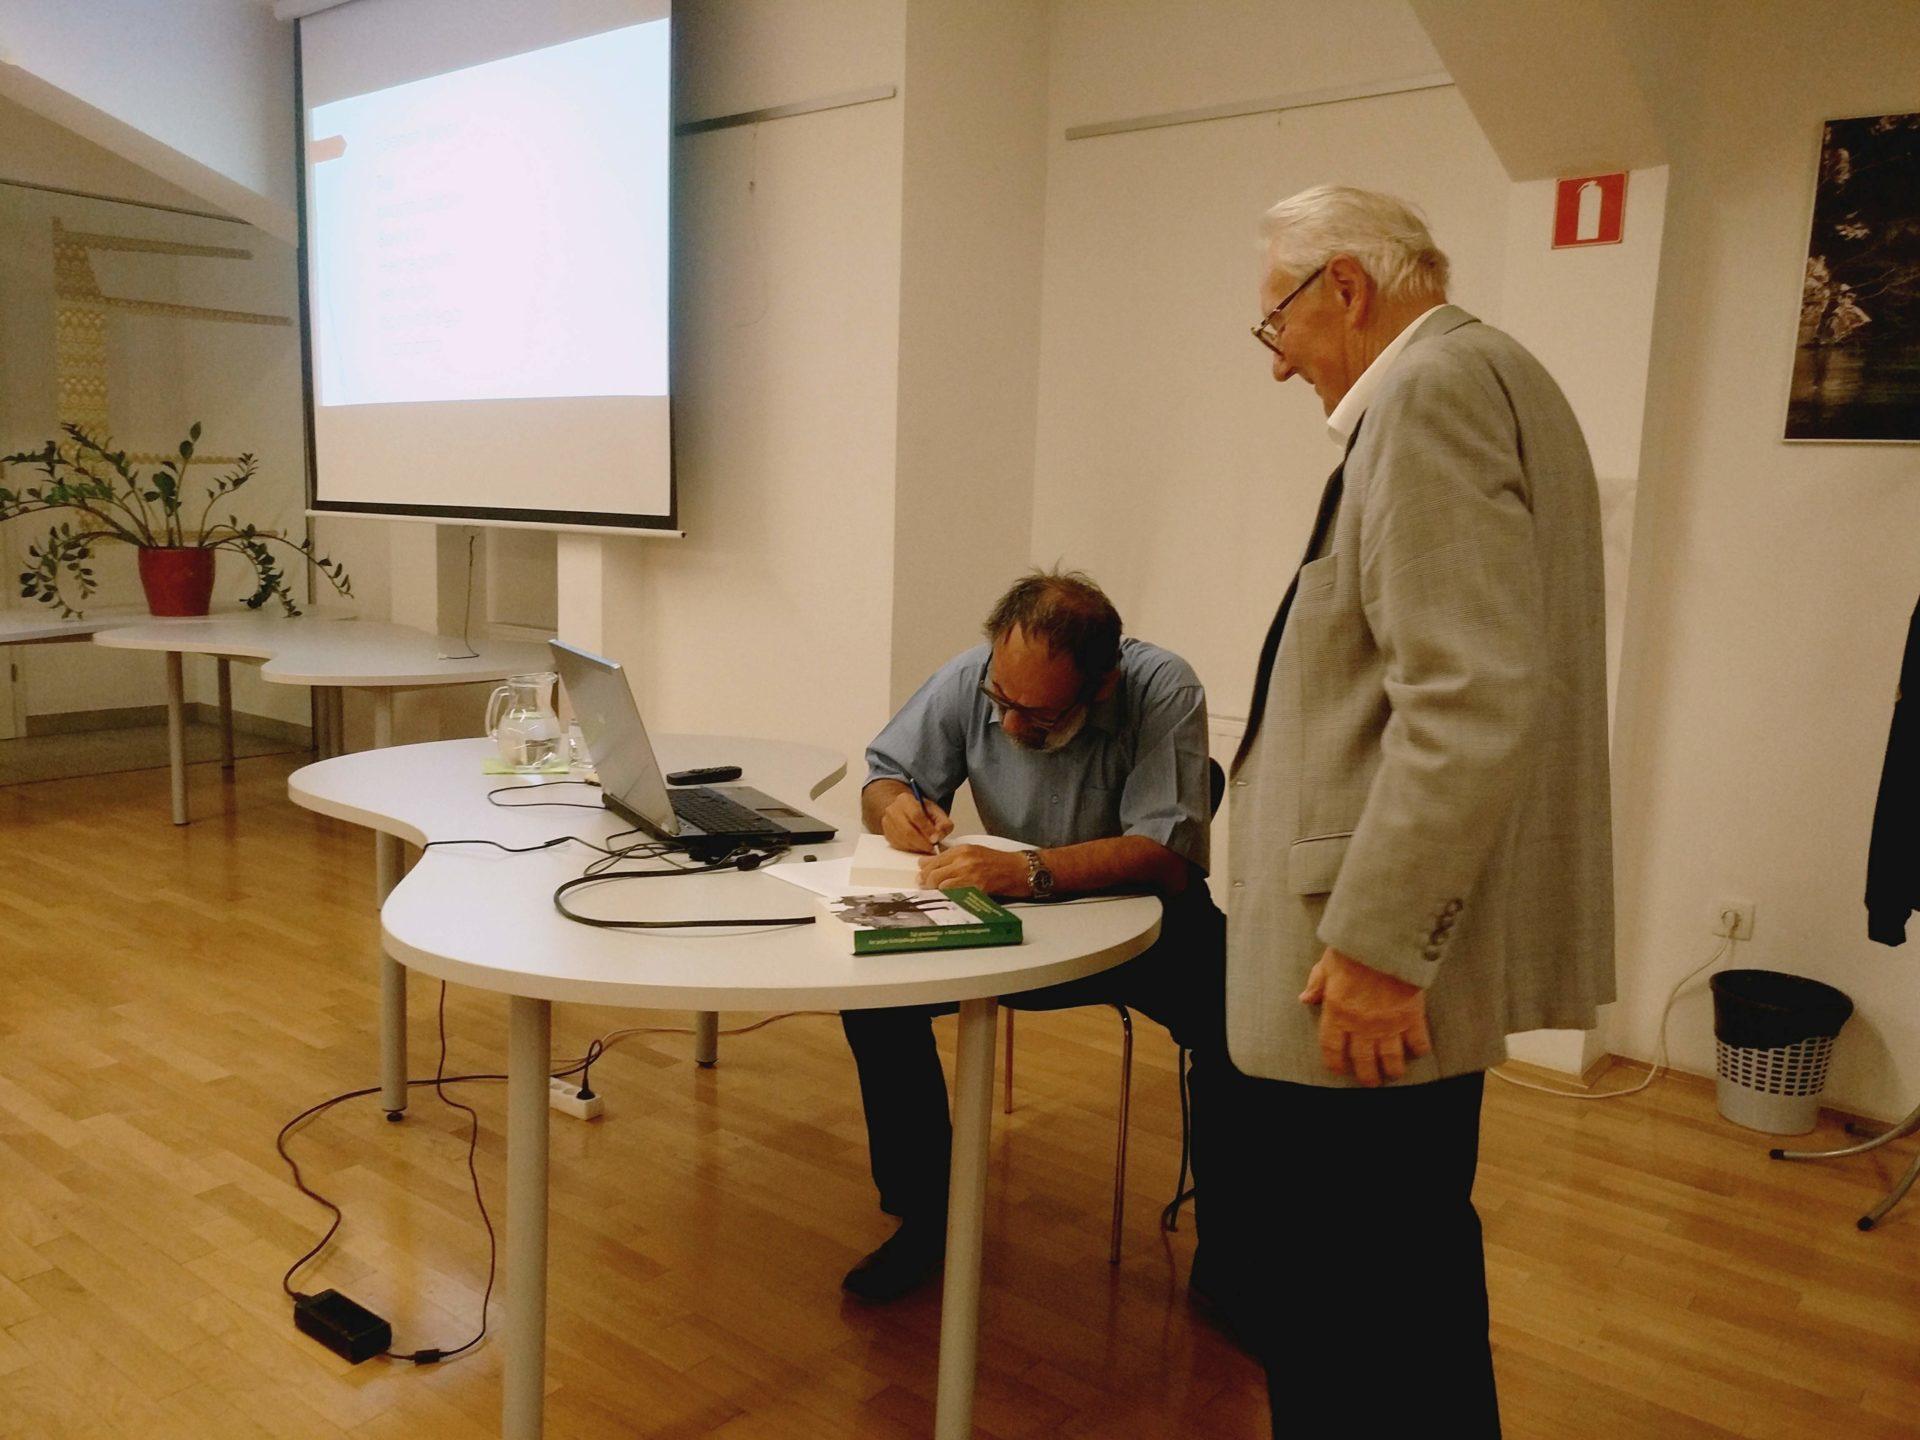 IMG 20190919 185837 - Predstavitev knjige: Tuji prostovoljci v Bosni in Hercegovini ter pojav bošnjaškega islamizma